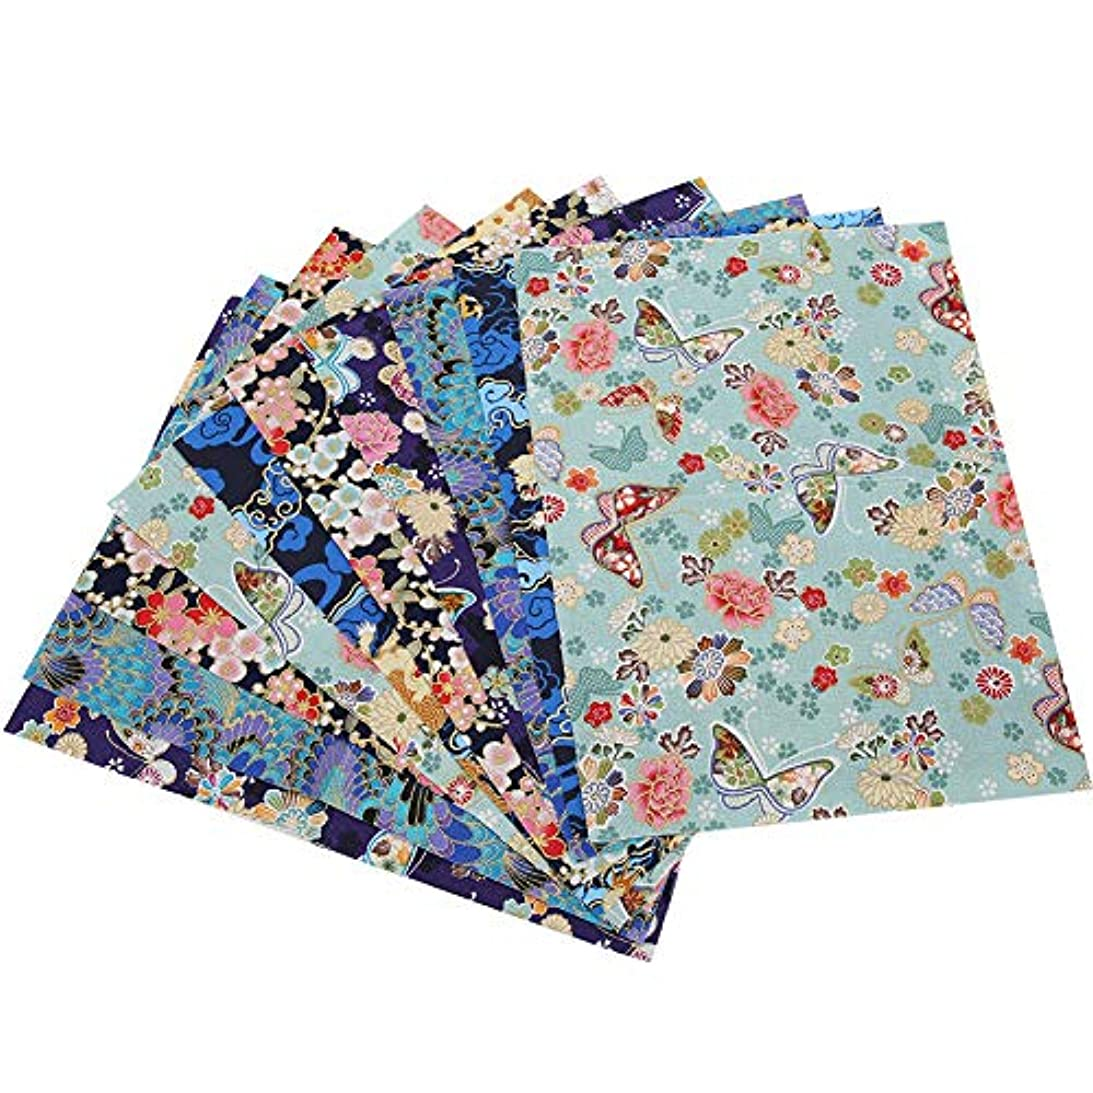 出来事捨てる広大な綿布、綿生地フラワーパターンパッチワーク生地、DIY縫製工芸品のための綿花パッチワーク縫製パッチワーク衣類アクセサリー